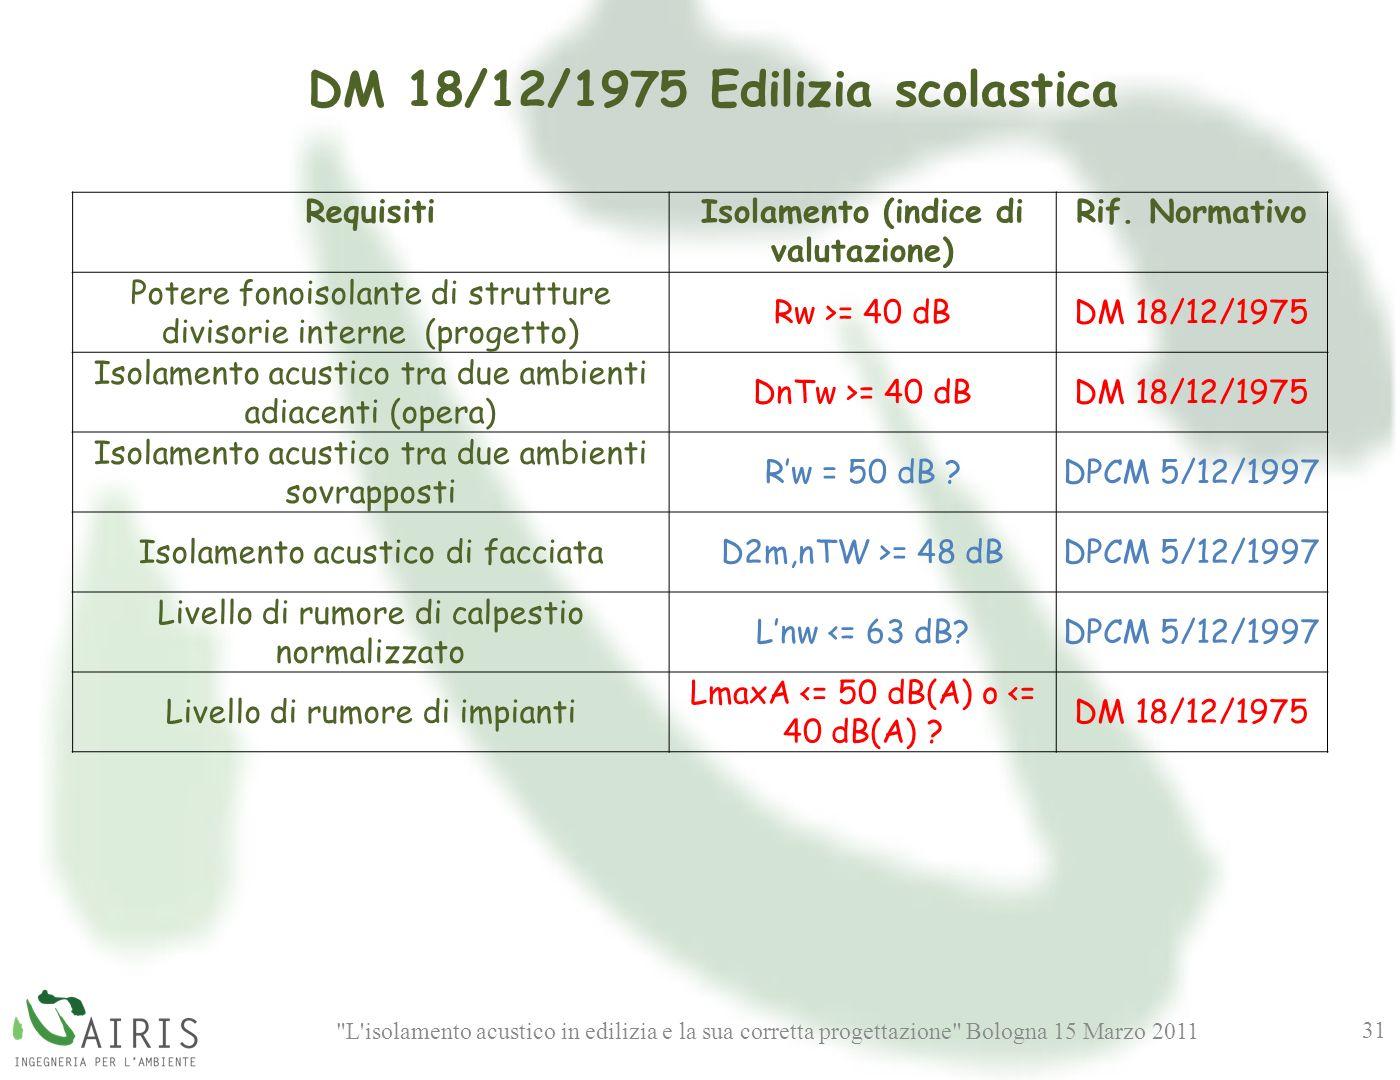 DM 18/12/1975 Edilizia scolastica Isolamento (indice di valutazione)